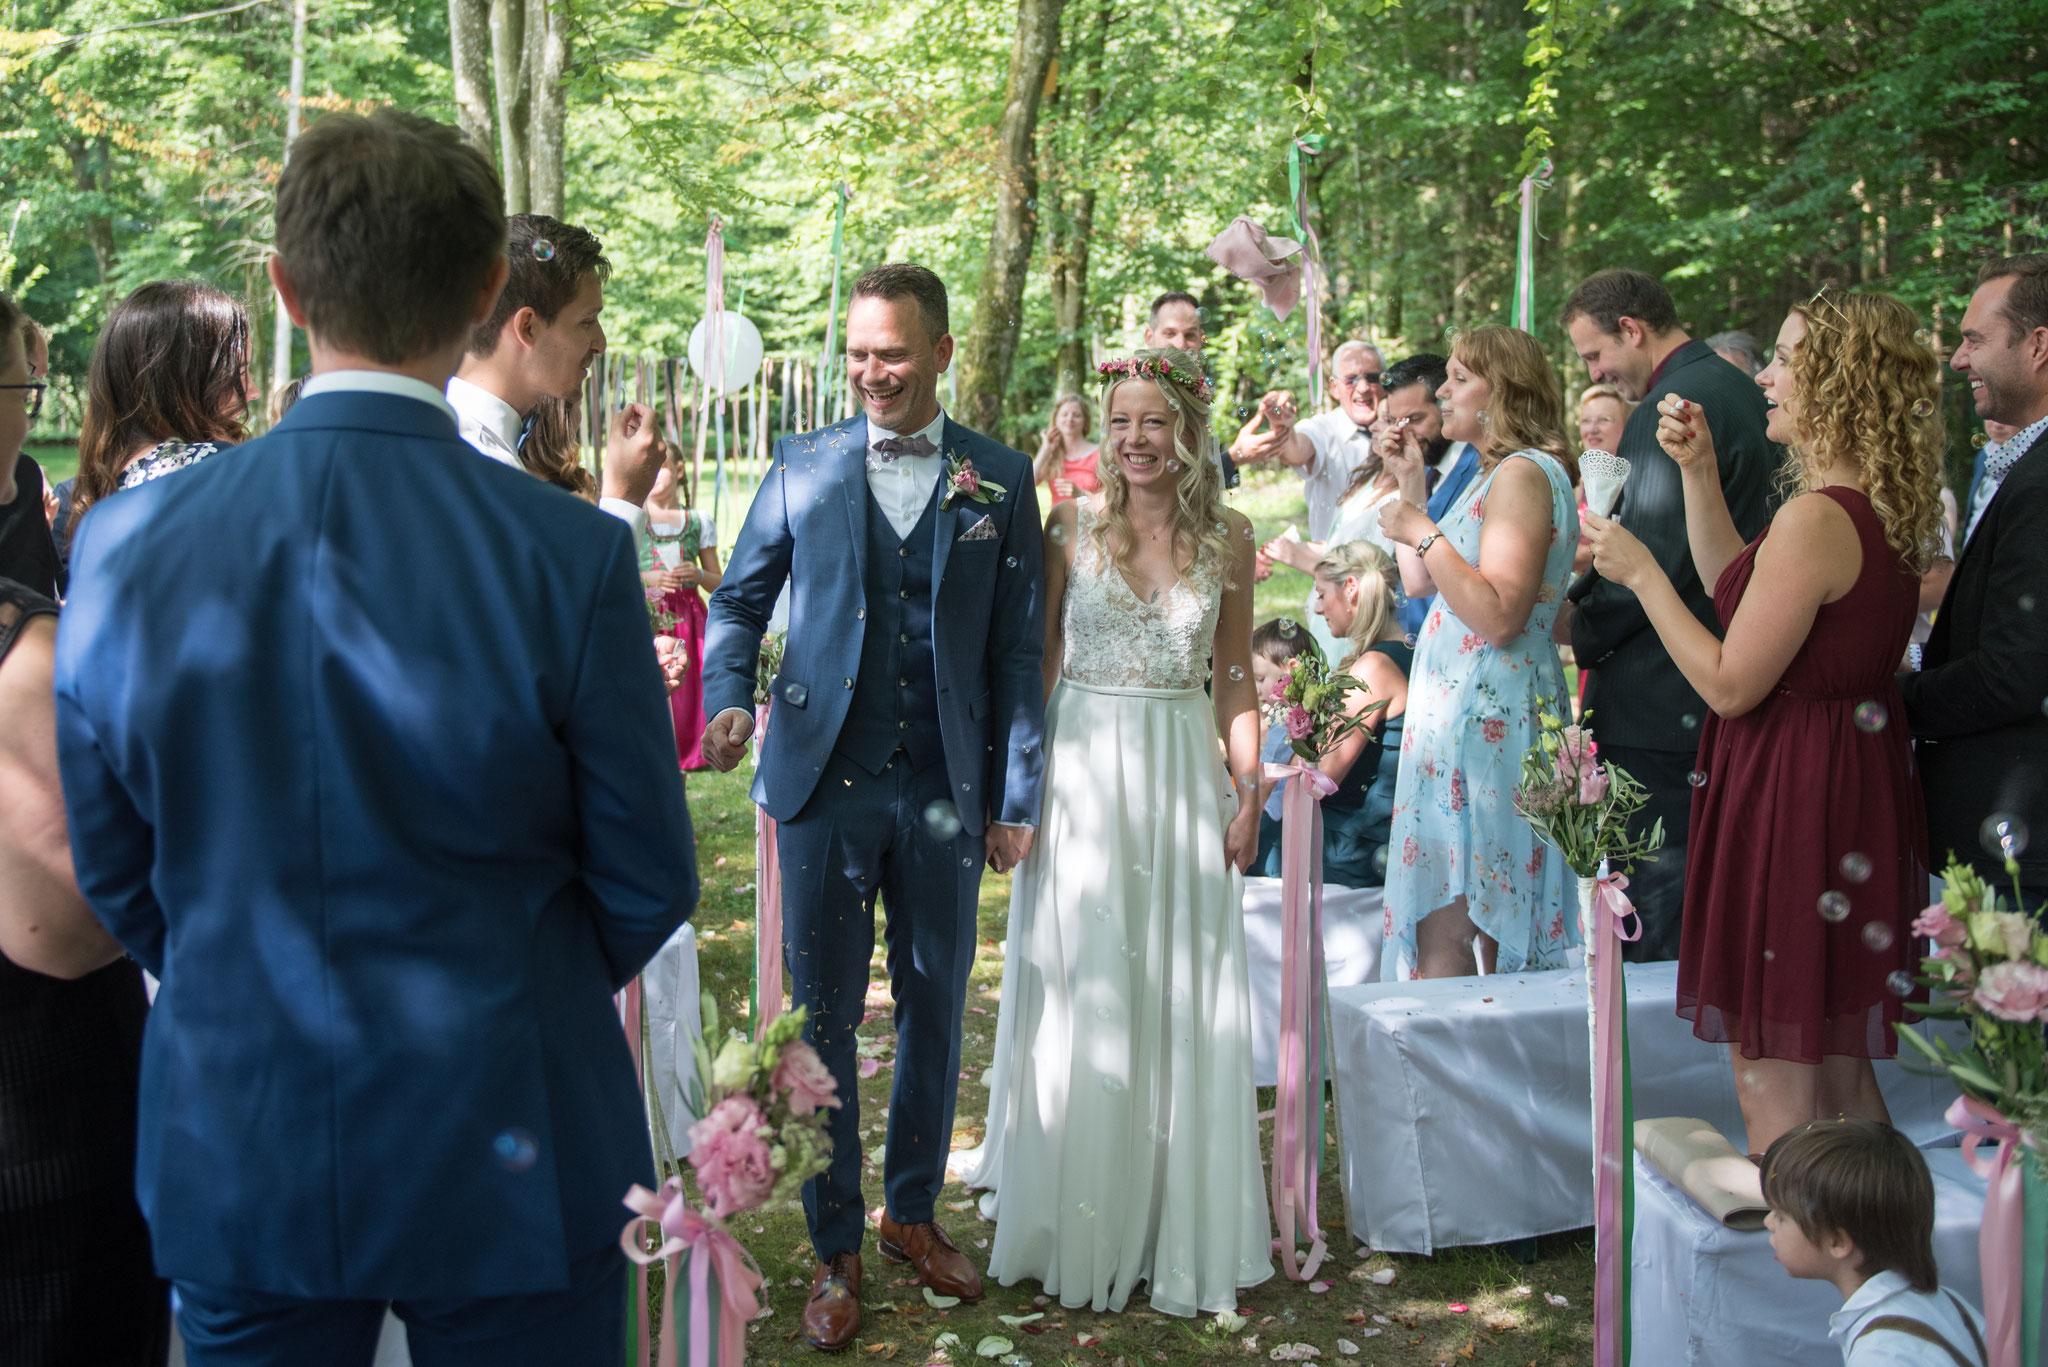 Geschafft! Das Paar zieht glücklich durch die Festgesellschaft! (Foto: Gabor Szeiler)